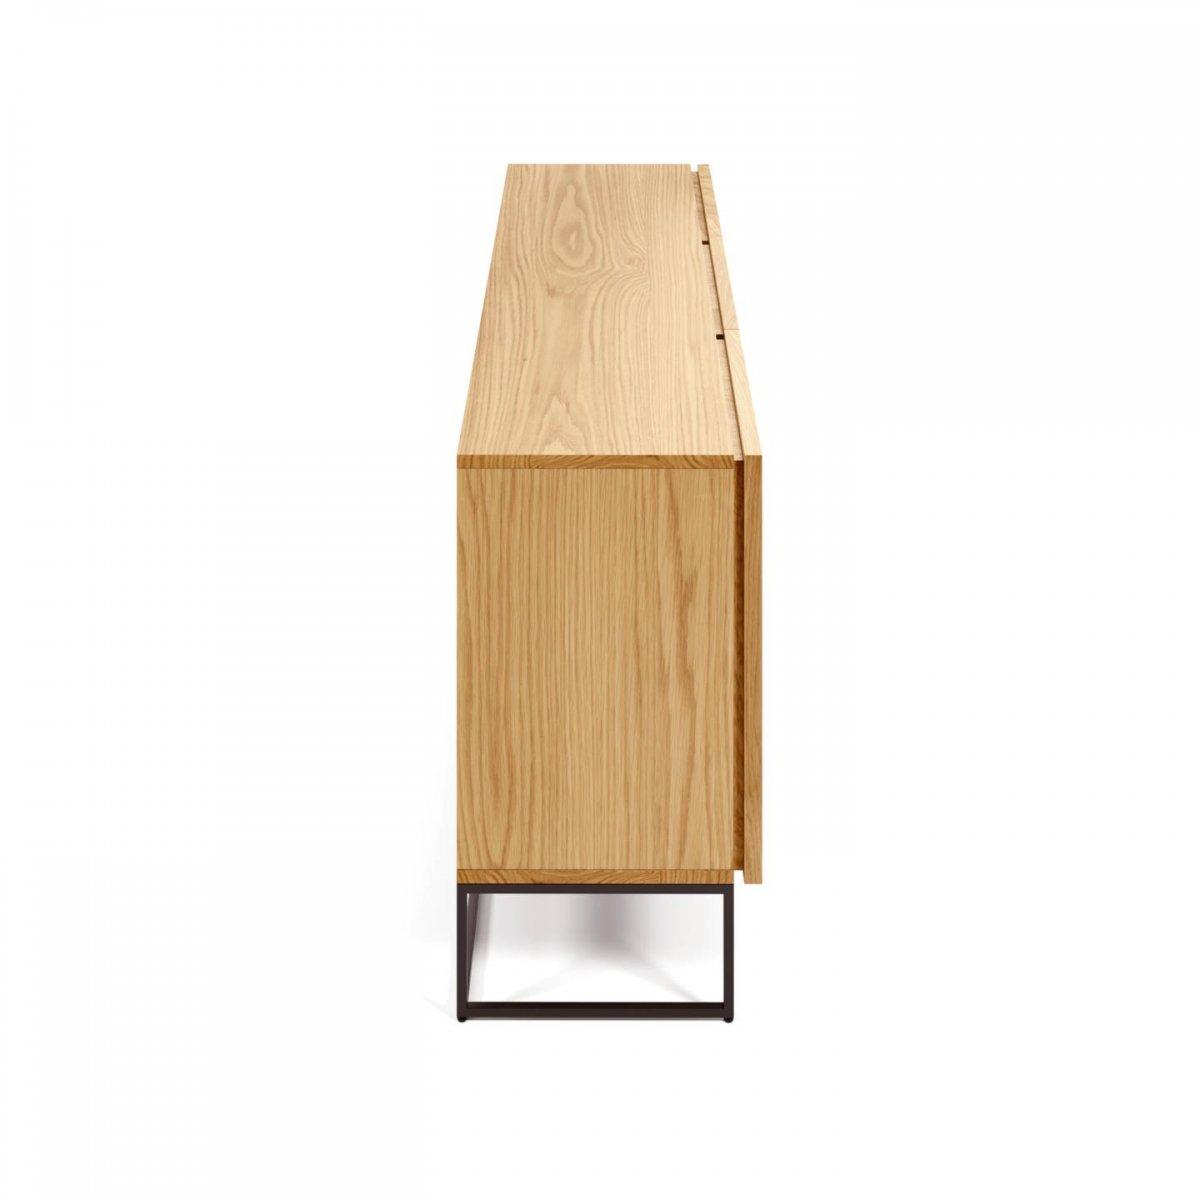 Keihome Linea J Credenza Taiana in legno e metallo